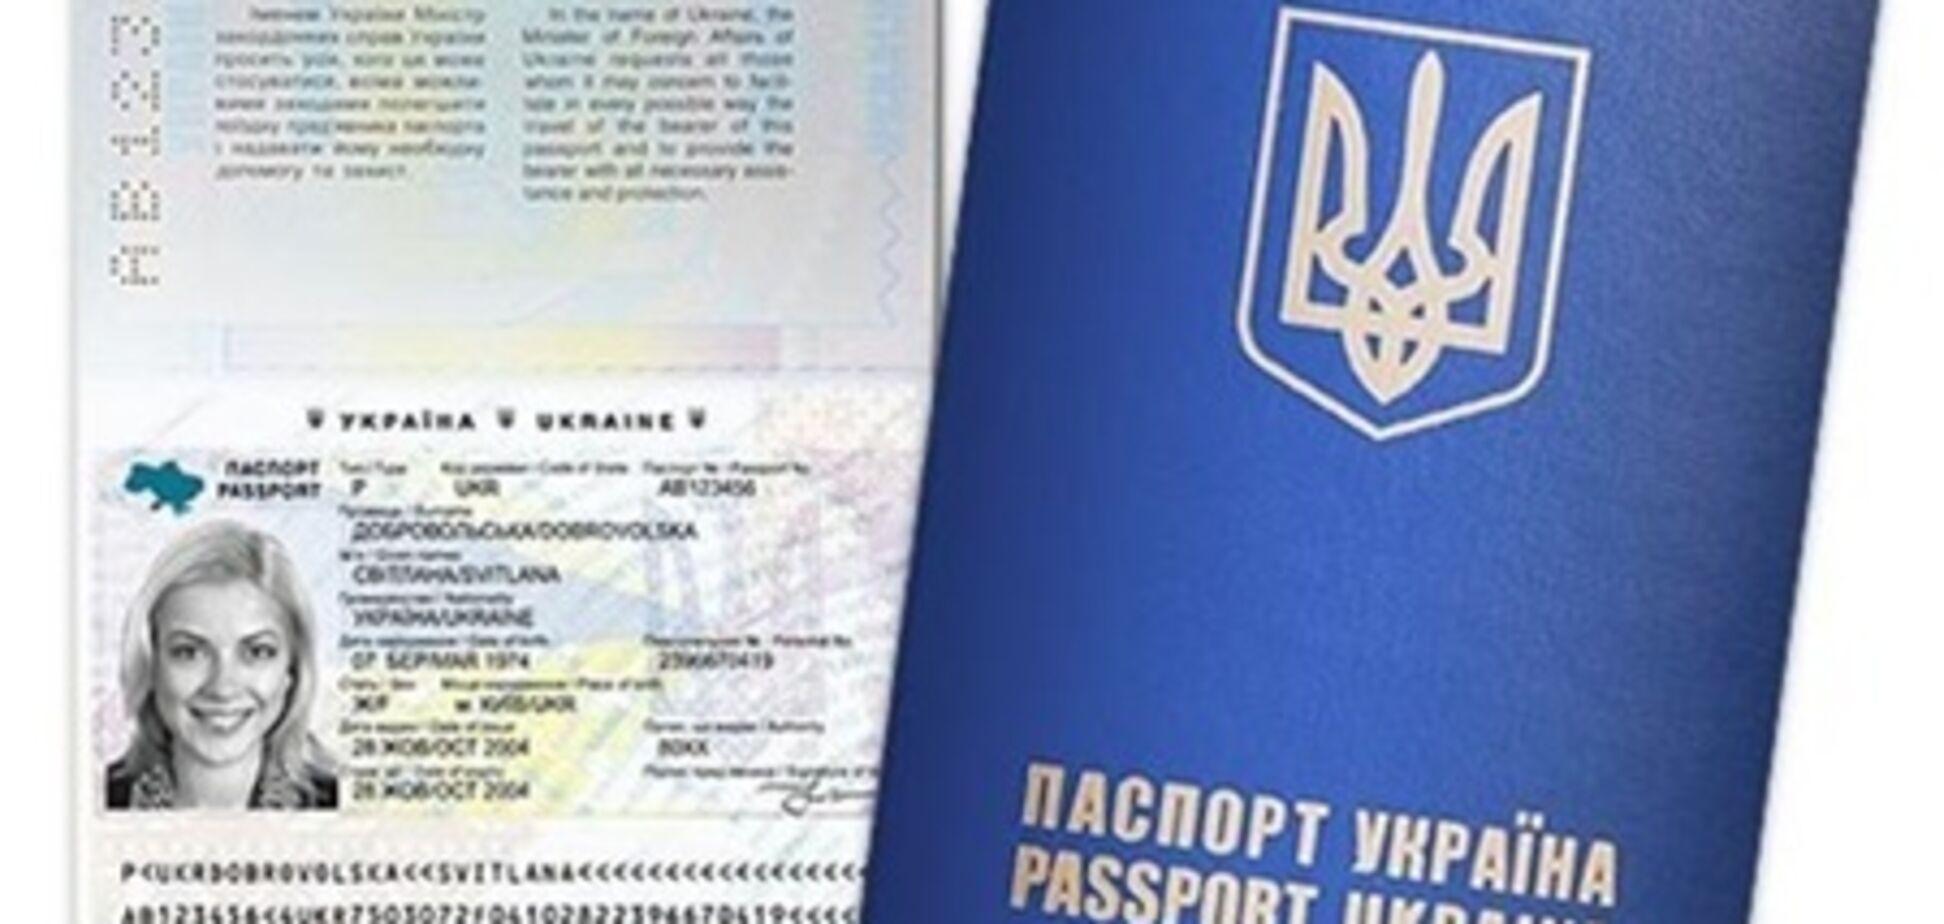 Львівський суд вирішив, що закордонний паспорт повинен коштувати не більше 257,15 грн